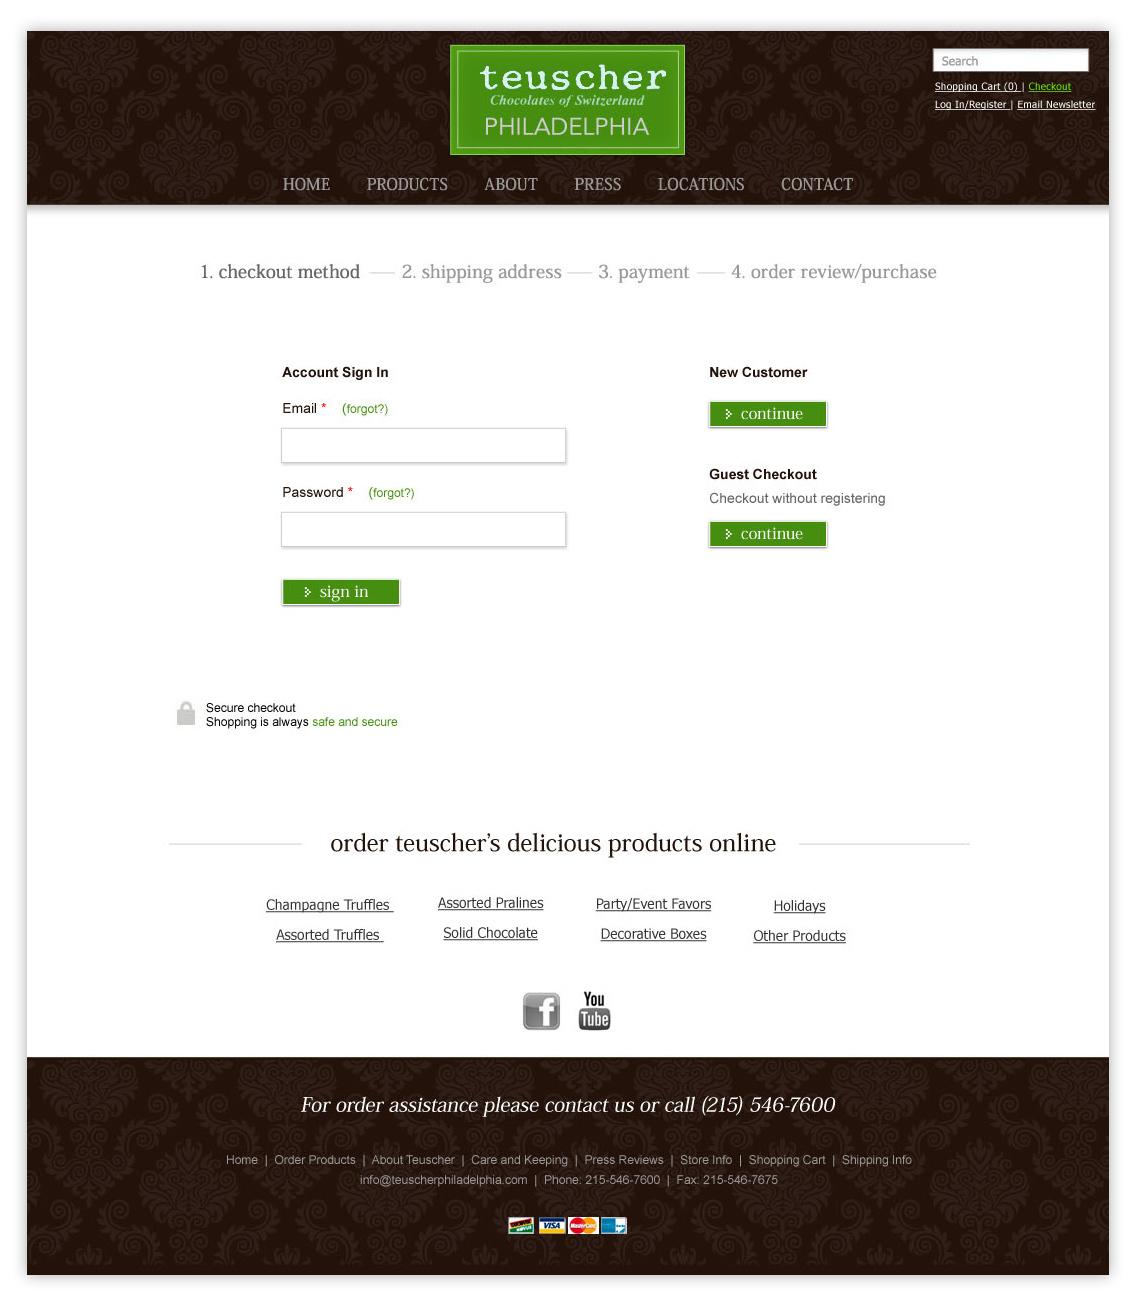 Teuscher_0005_Checkout---Method.jpg